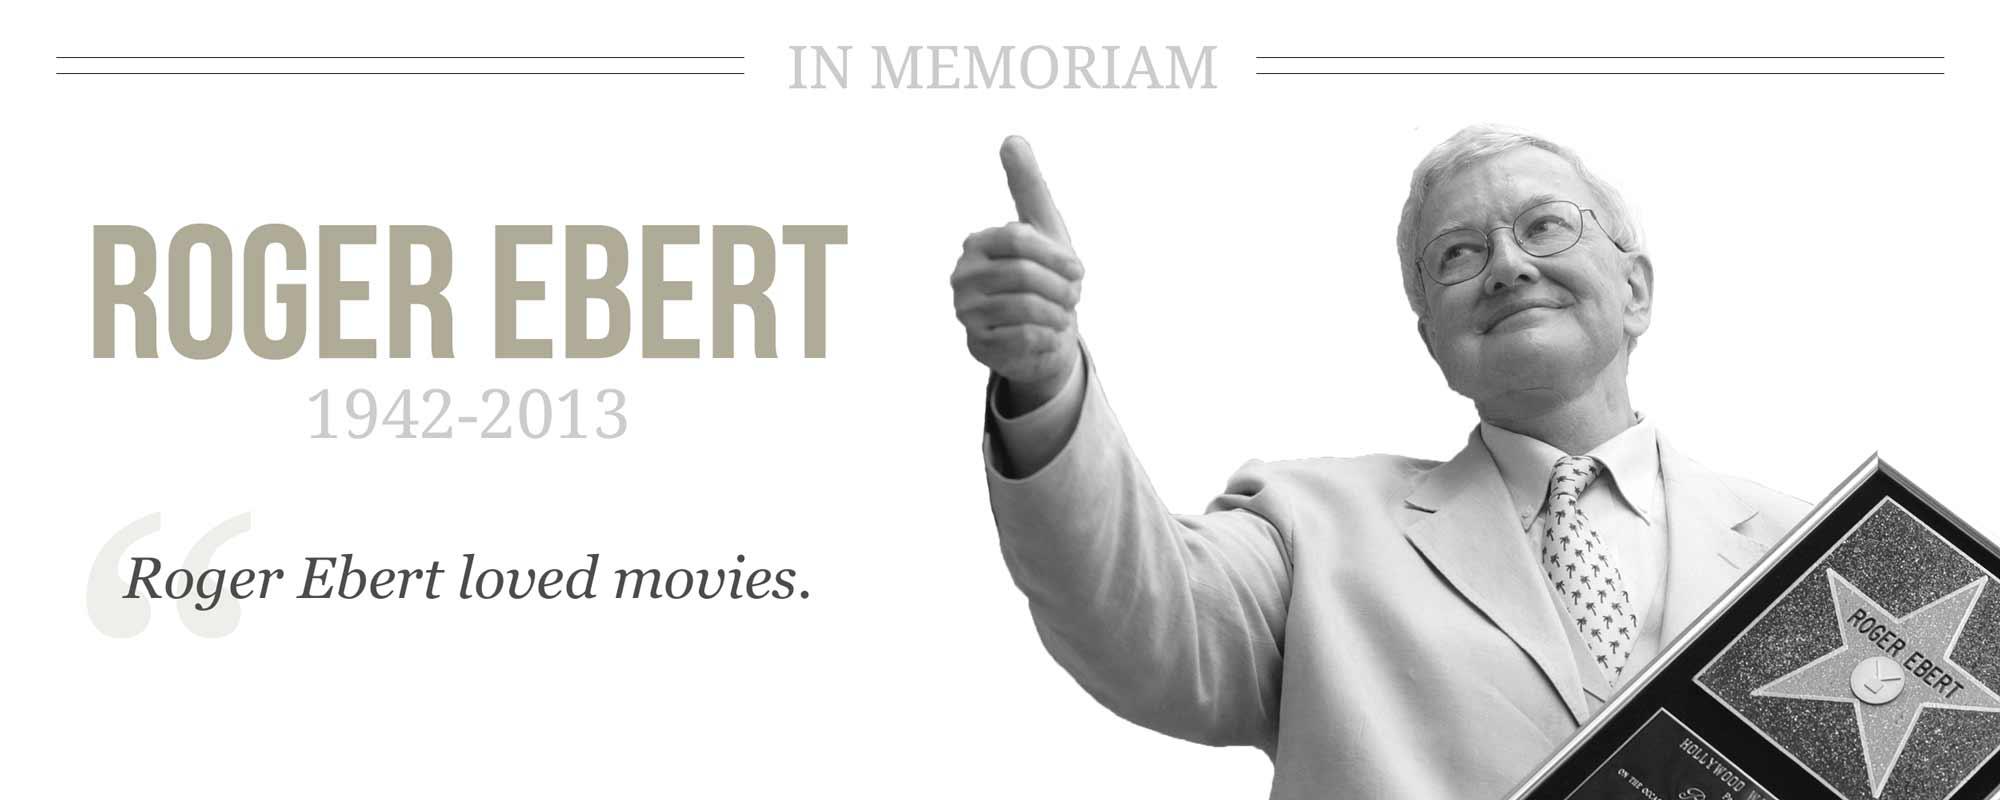 ebert-banner.jpg